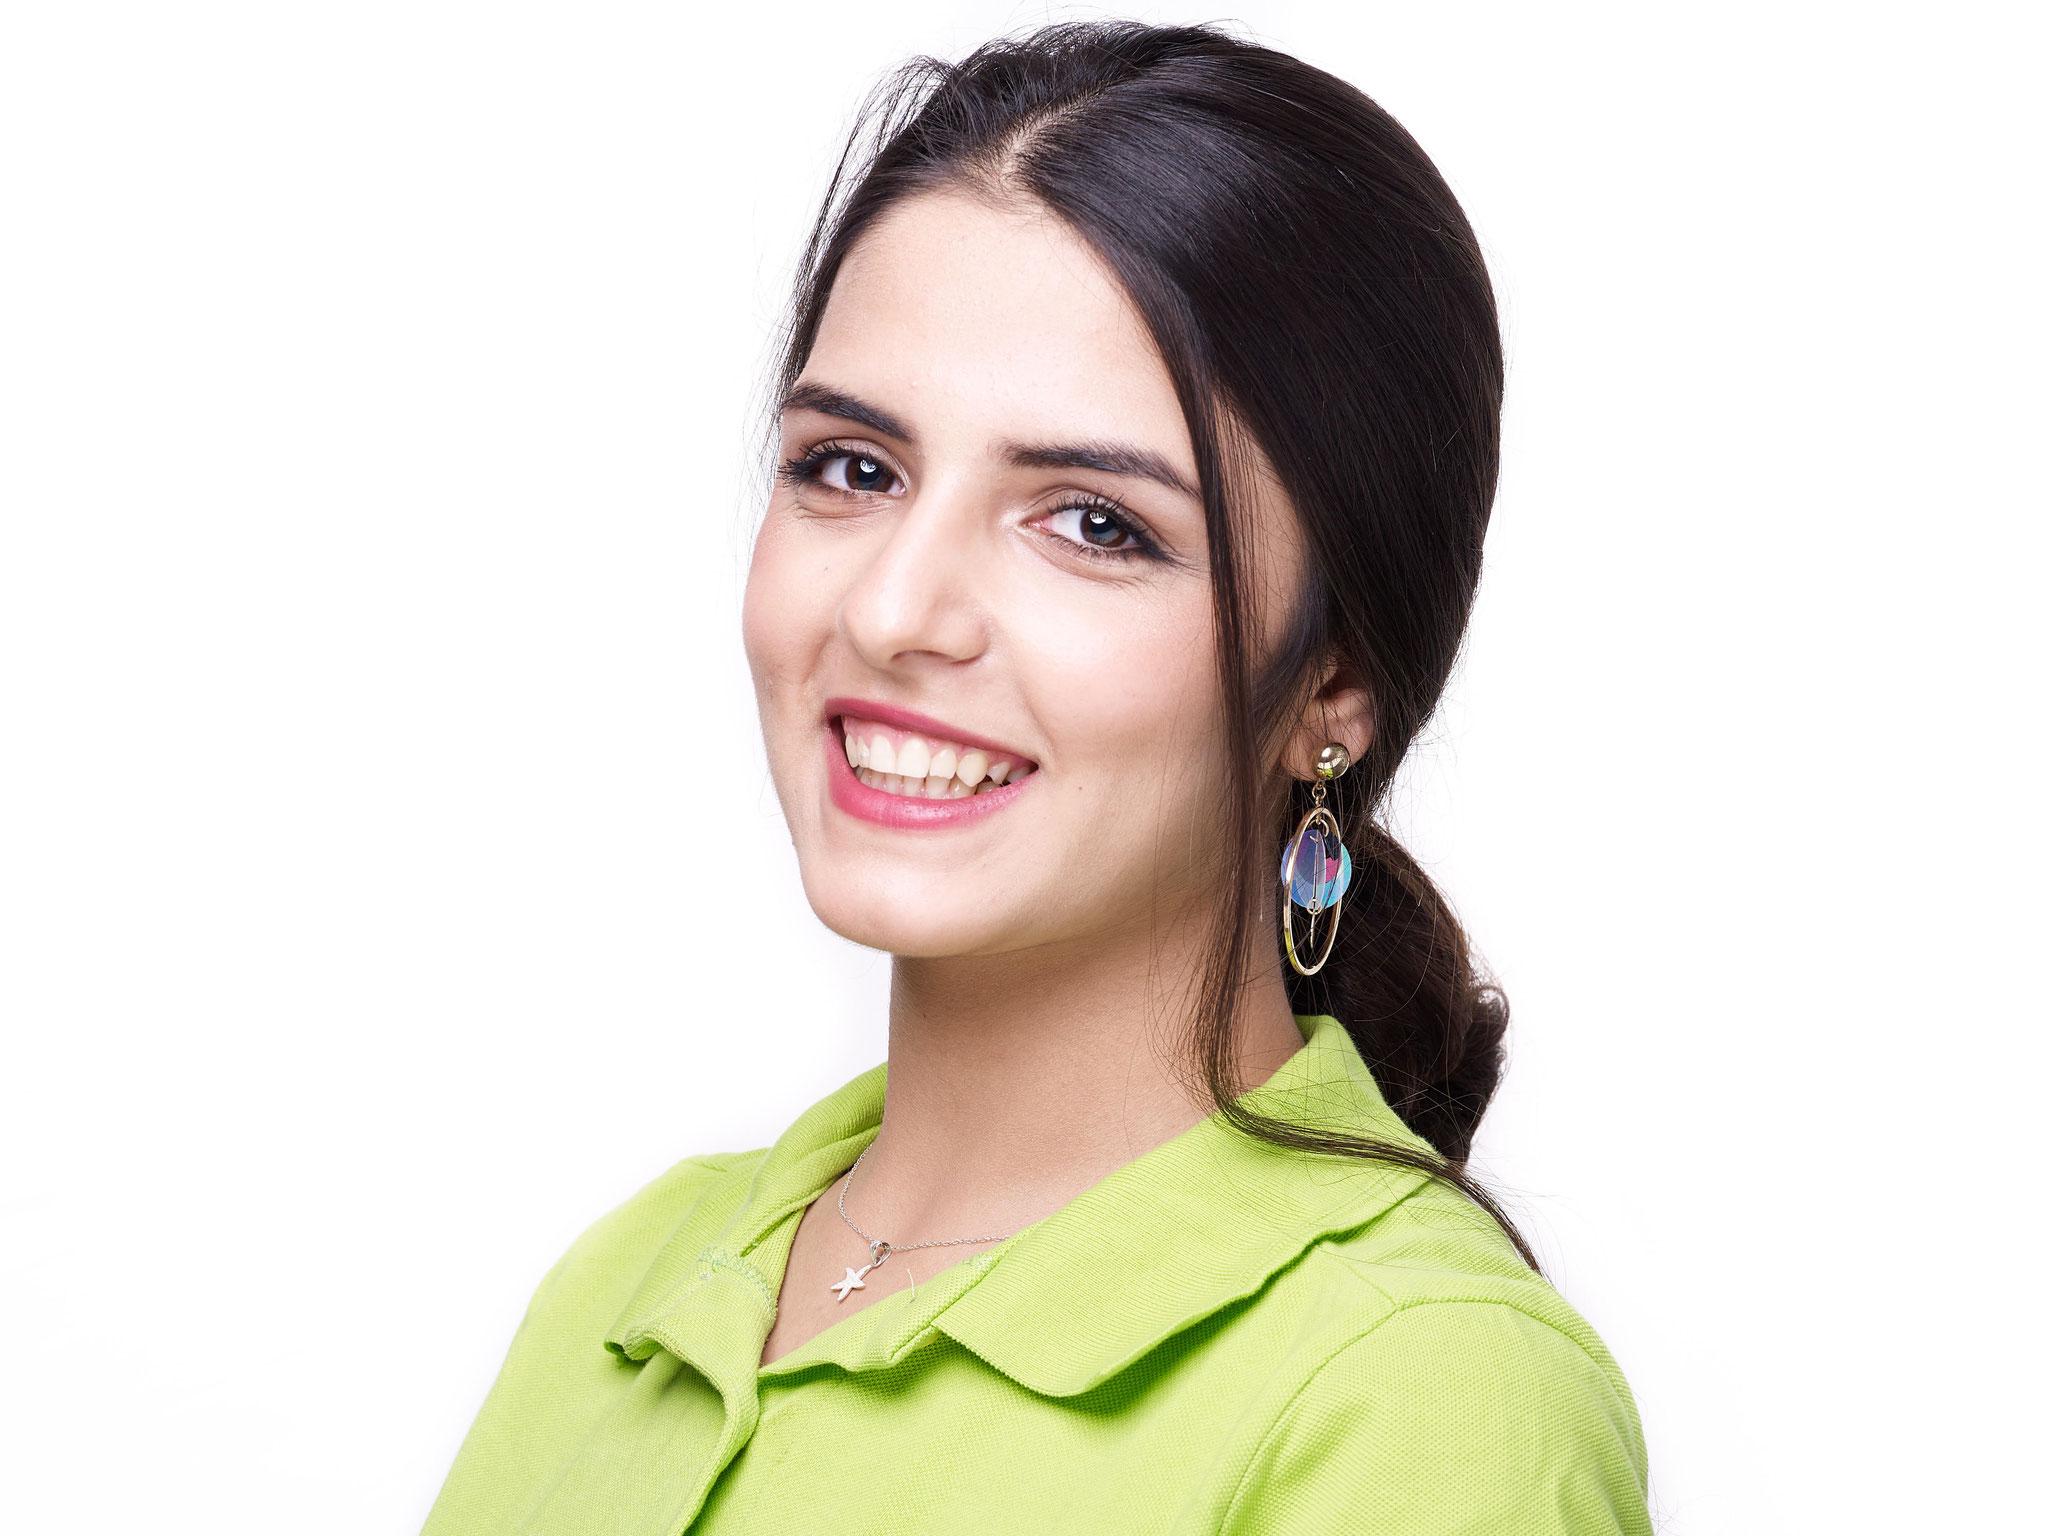 Zina Al-Amari